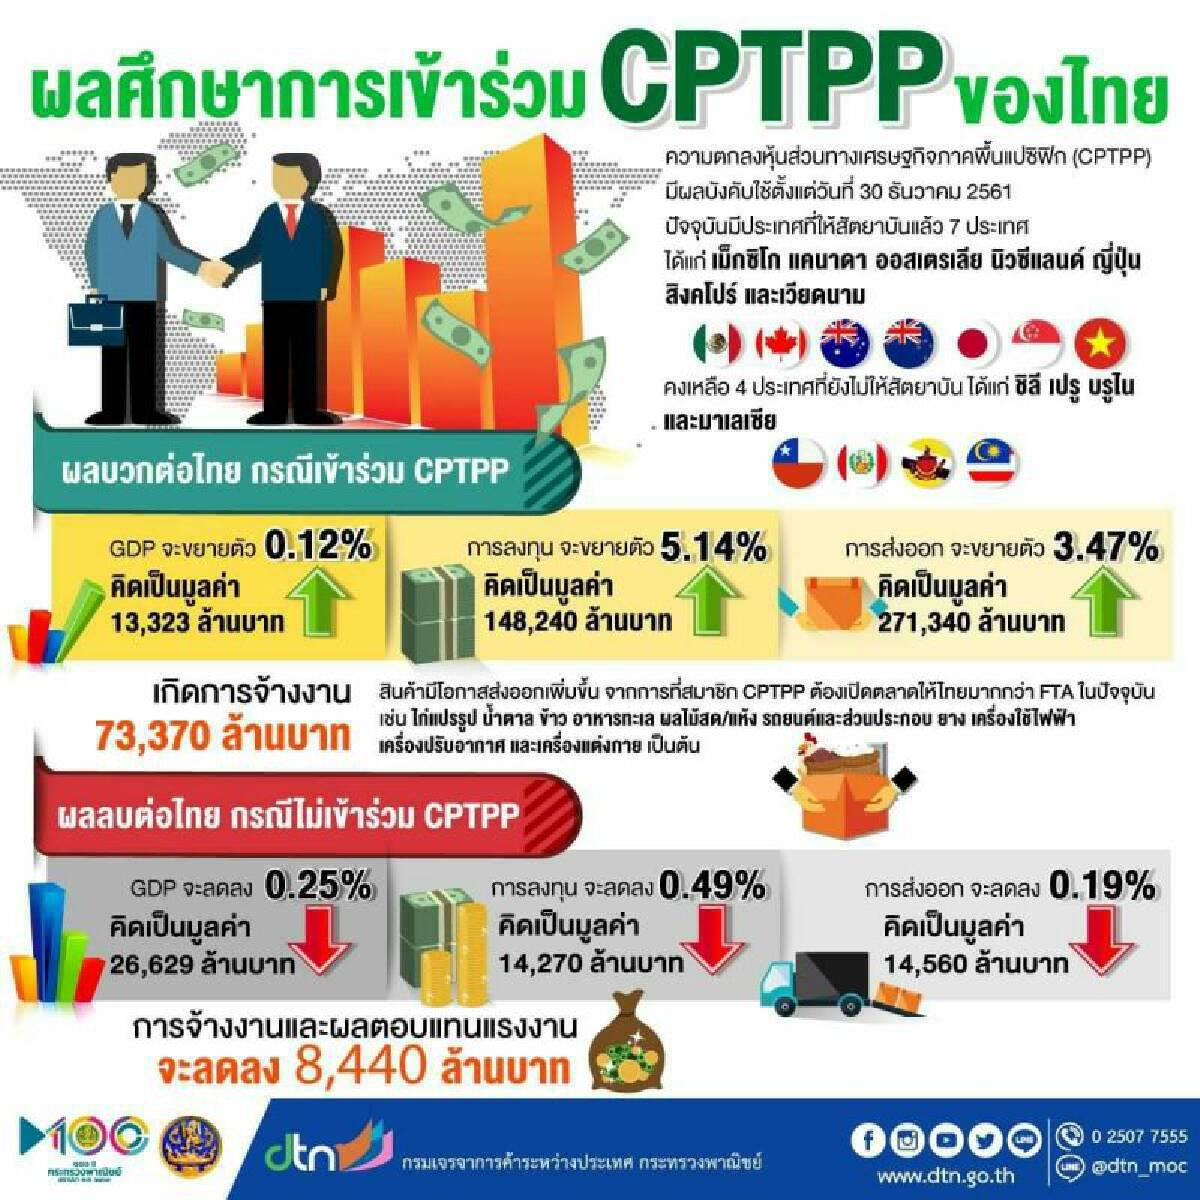 จีนร่วมวง CPTPP ดันการค้าเอเชียพุ่ง จับตาไทยขาดดุลการค้าพญามังกรเพิ่ม